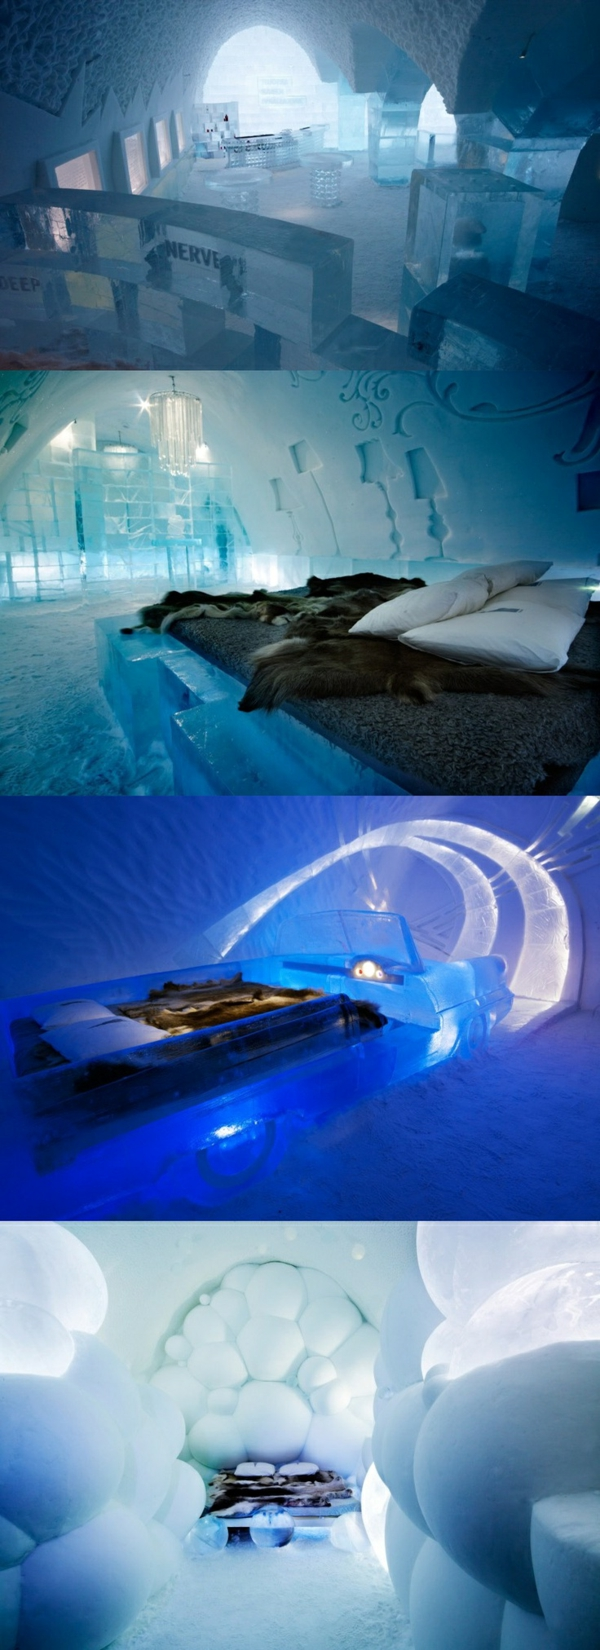 extraordinaire-place-pour-dormir-glace